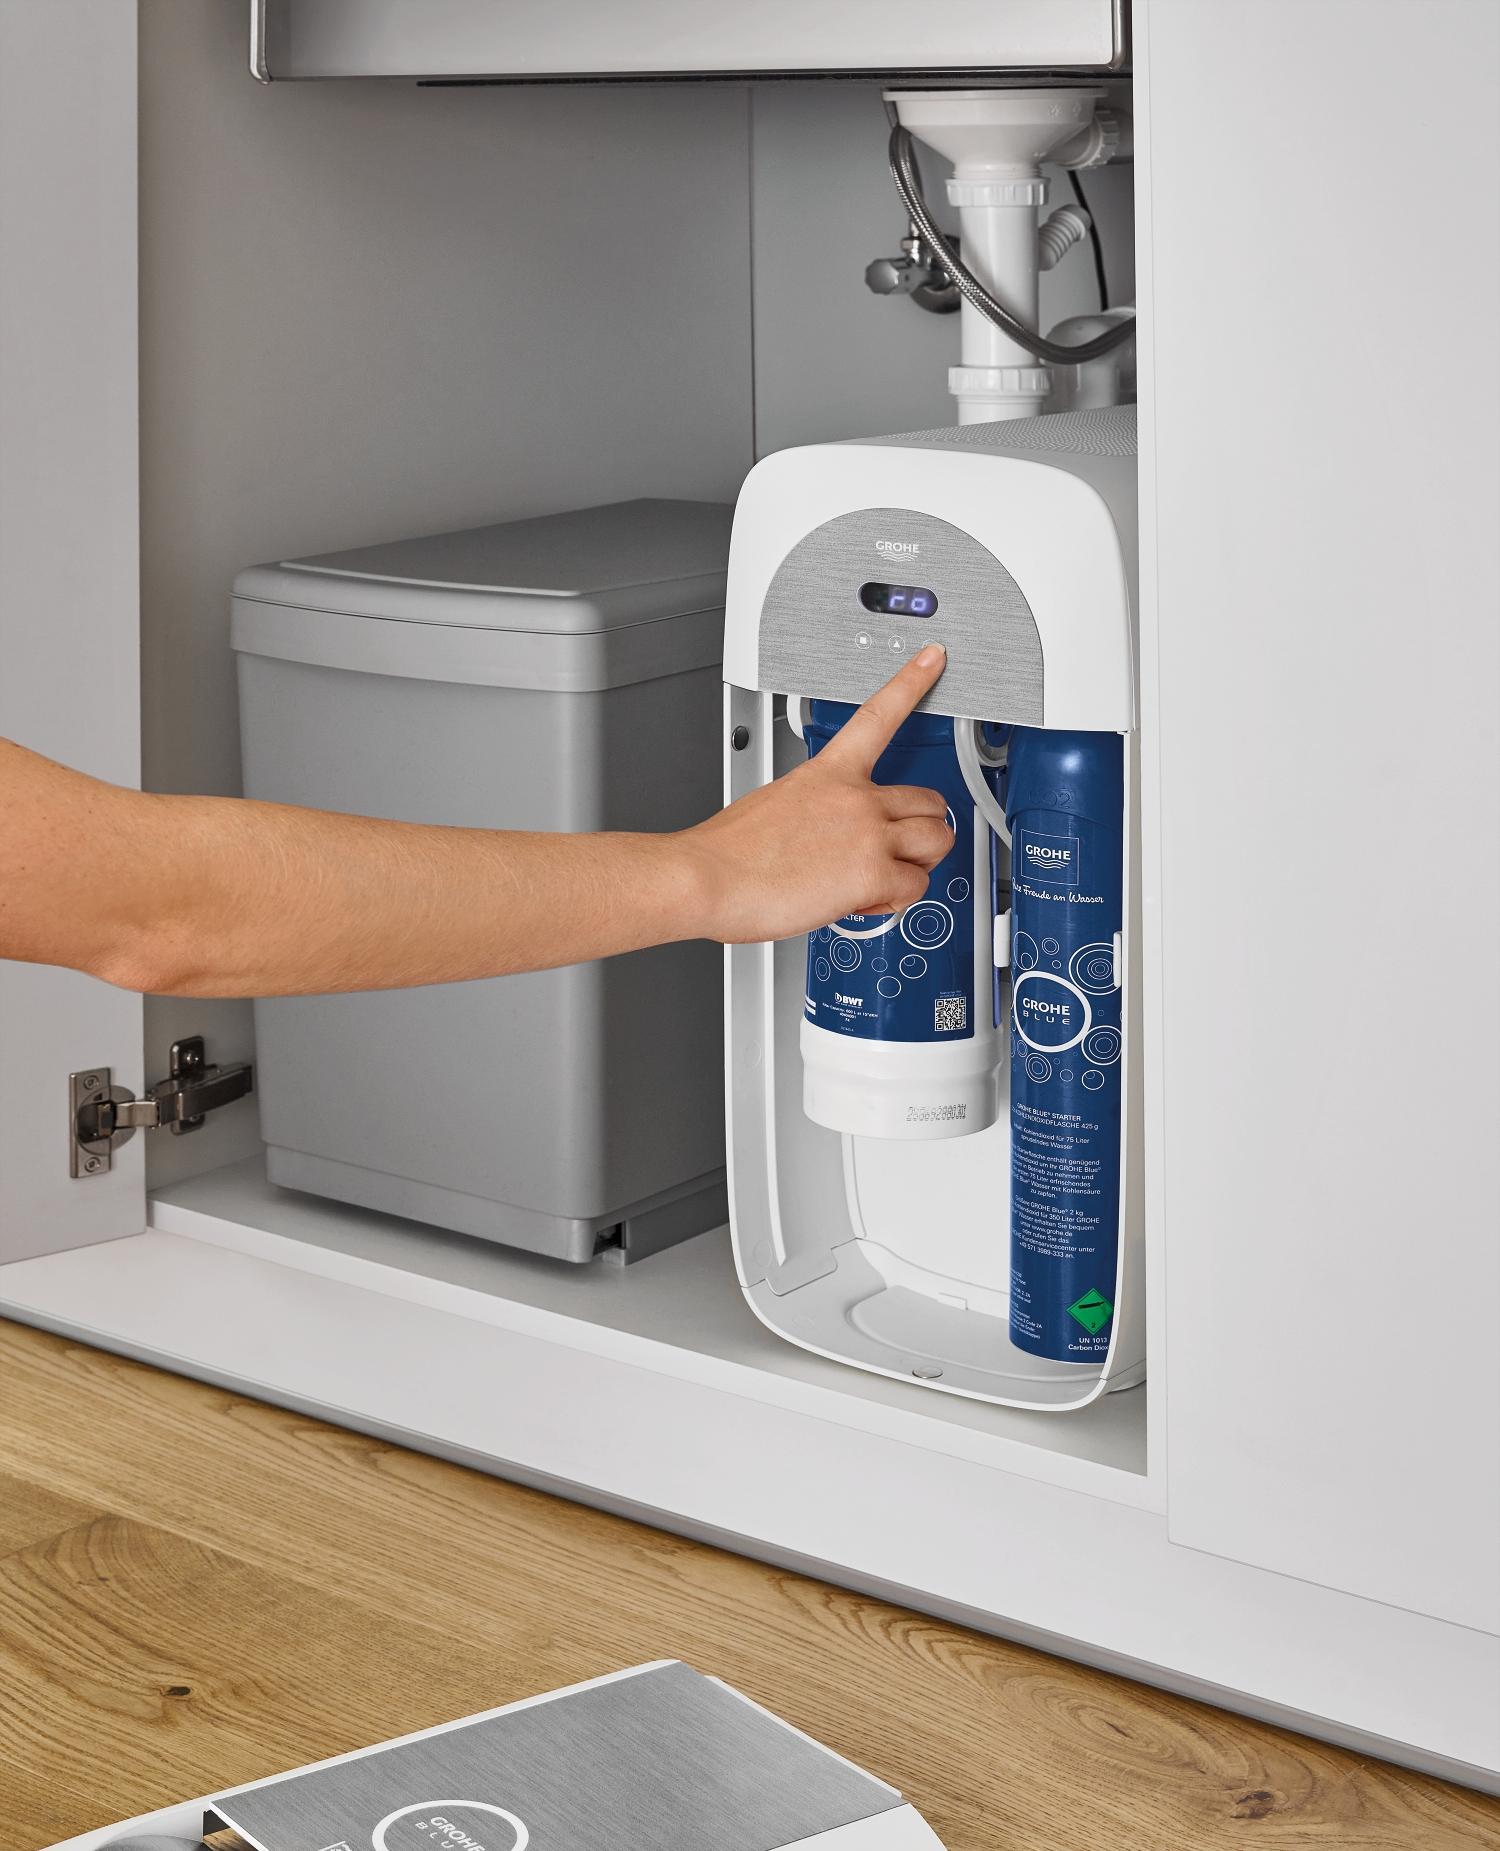 La marca Grohe tiene su propio sistema de filtrado y tratamiento de agua